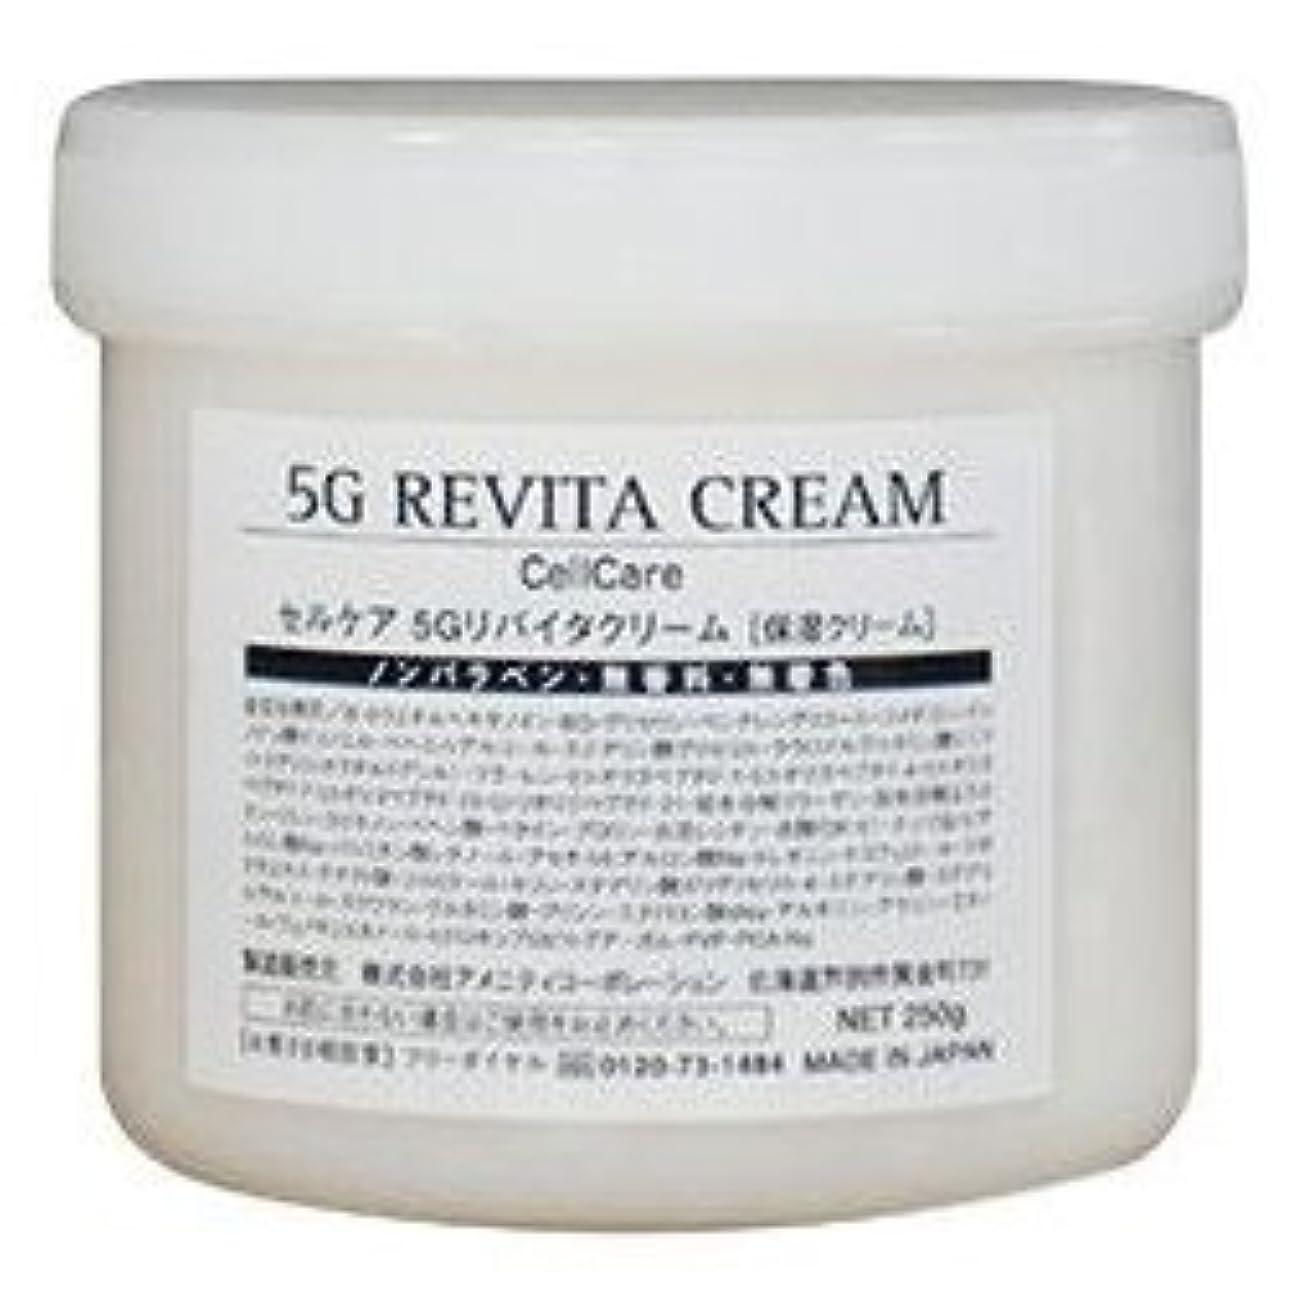 快い品揃えディレクトリセルケアGF プレミアム 5Gリバイタルクリーム 保湿クリーム お徳用250g